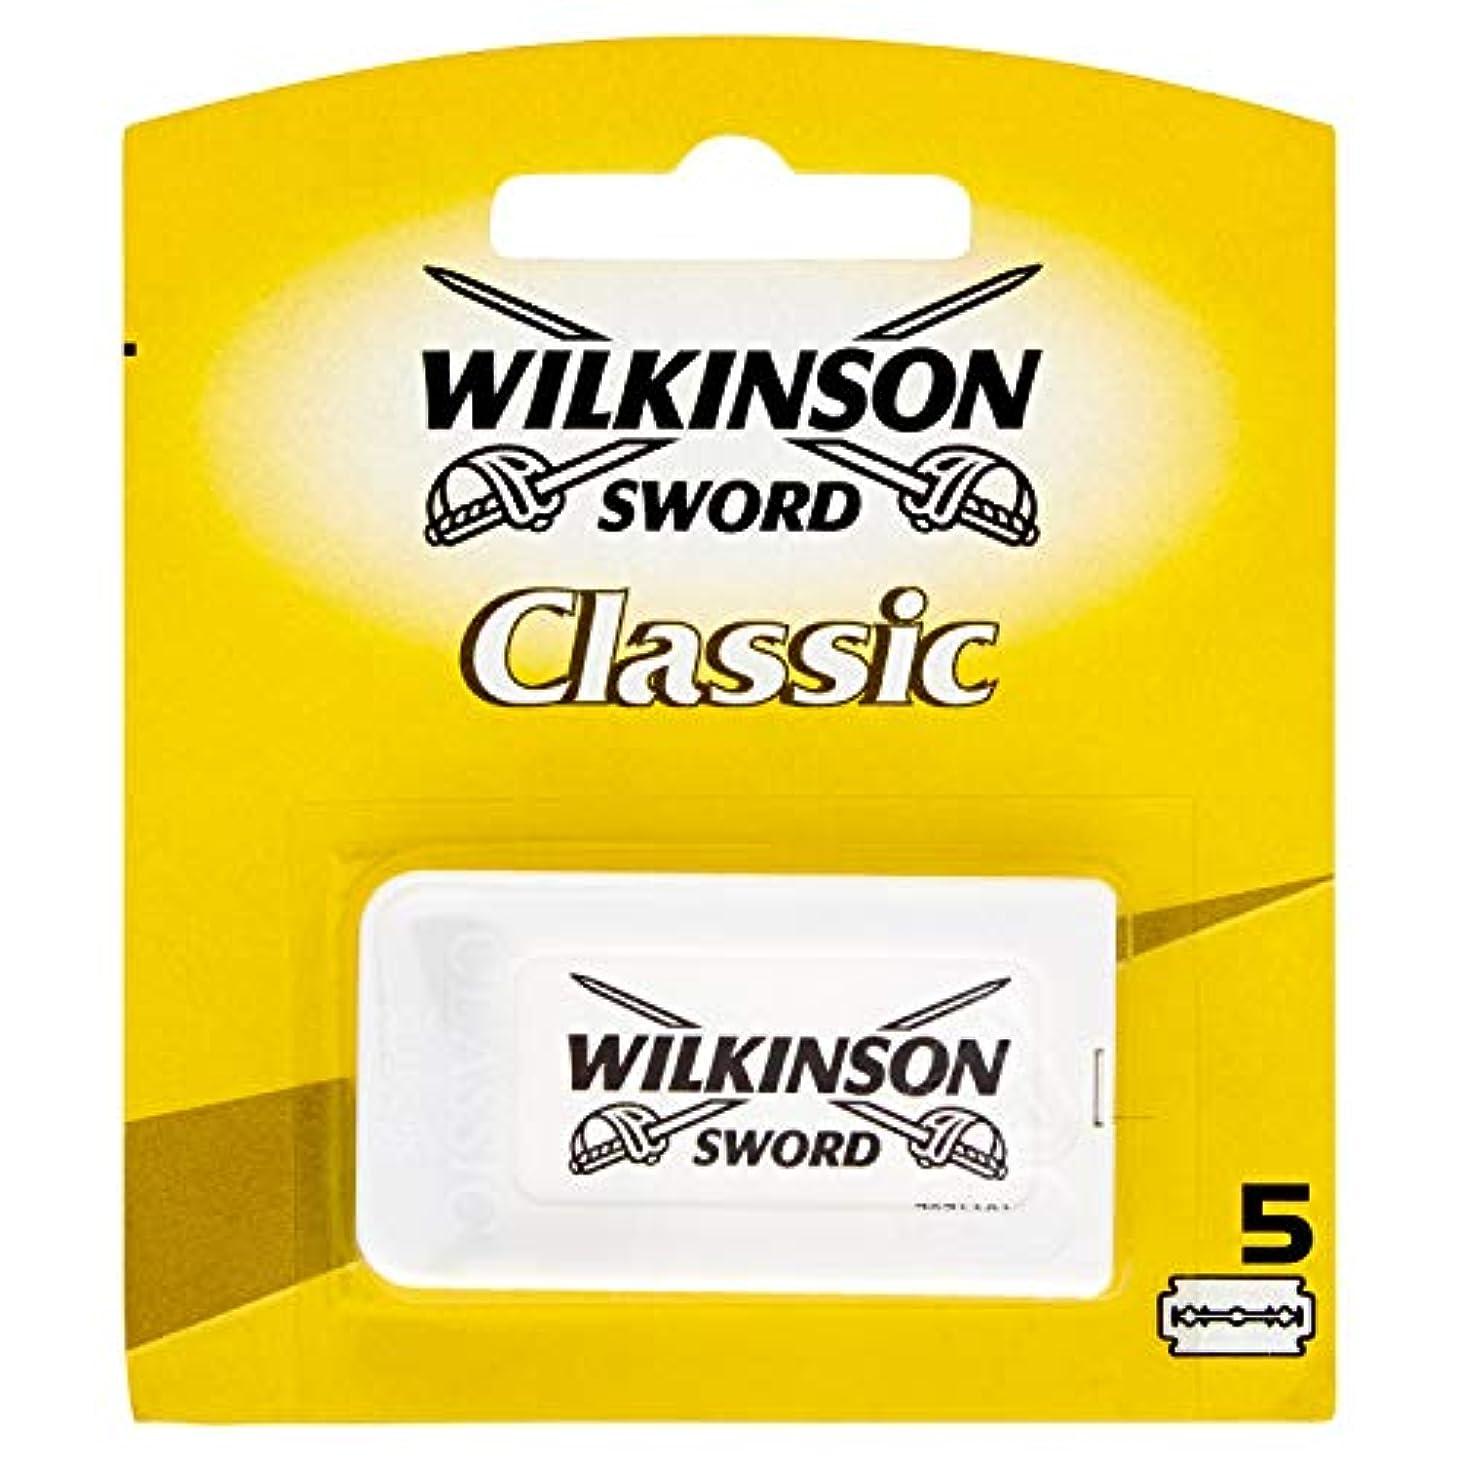 会社失効家Wilkinson Sword(ウィルキンソンソード) Classic 両刃替刃 5個入り [並行輸入品]